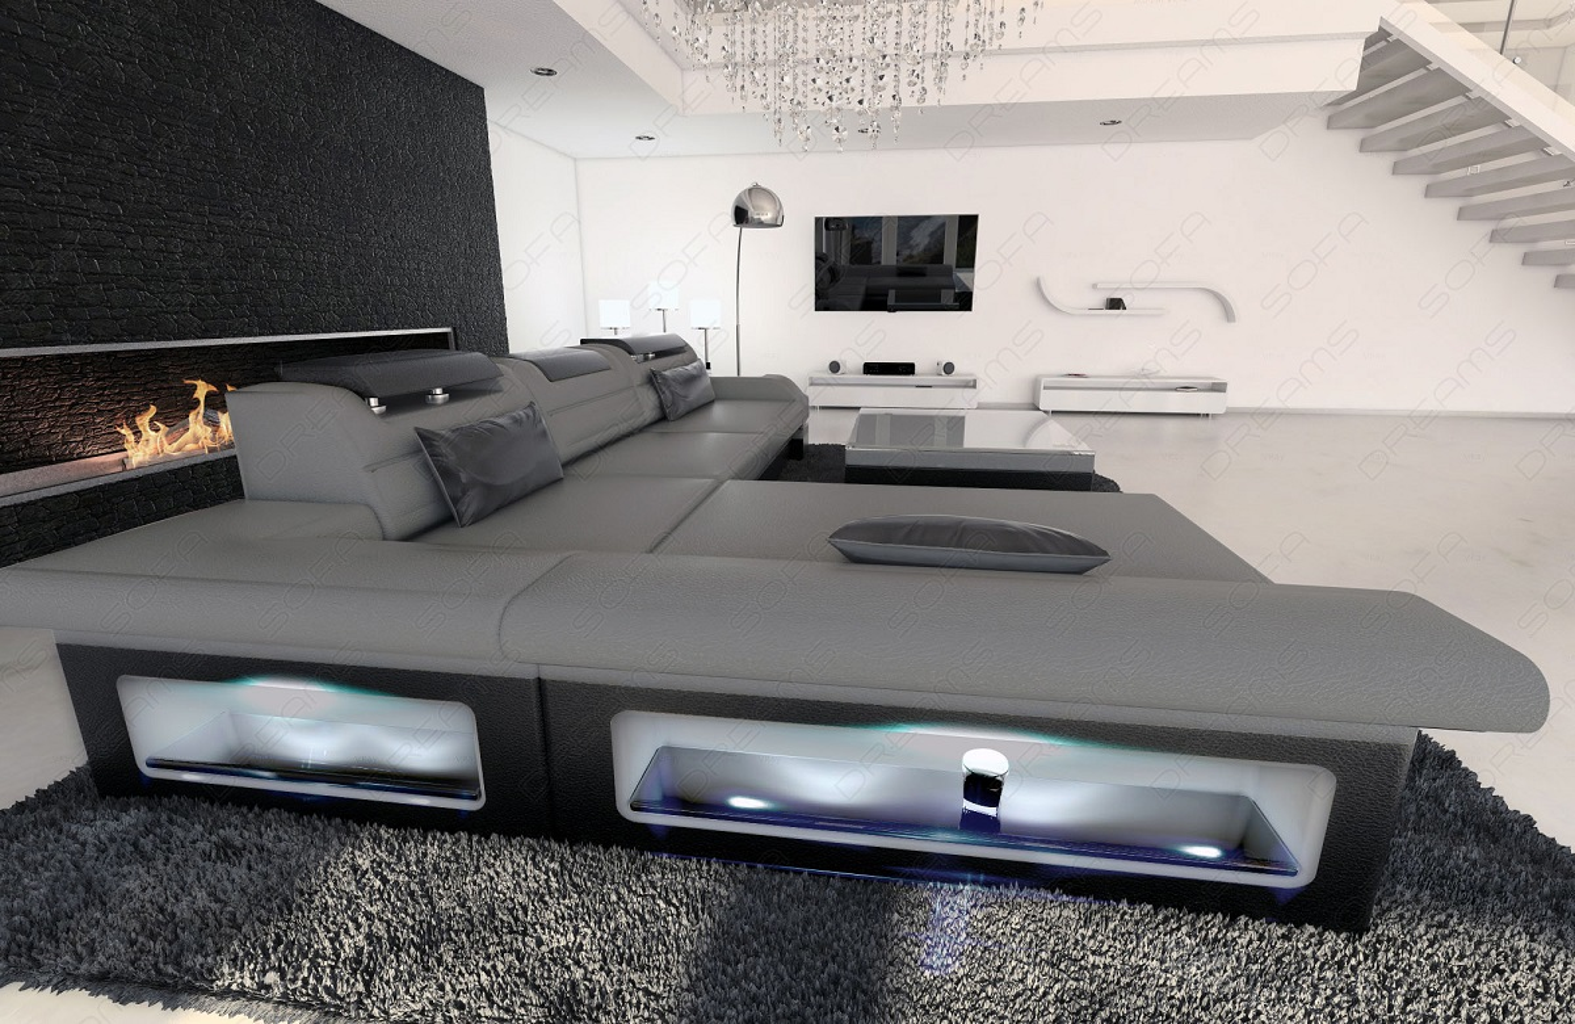 designersofa ecksofa monza l form luxus couch grau schwarz mit led beleuchtung ebay